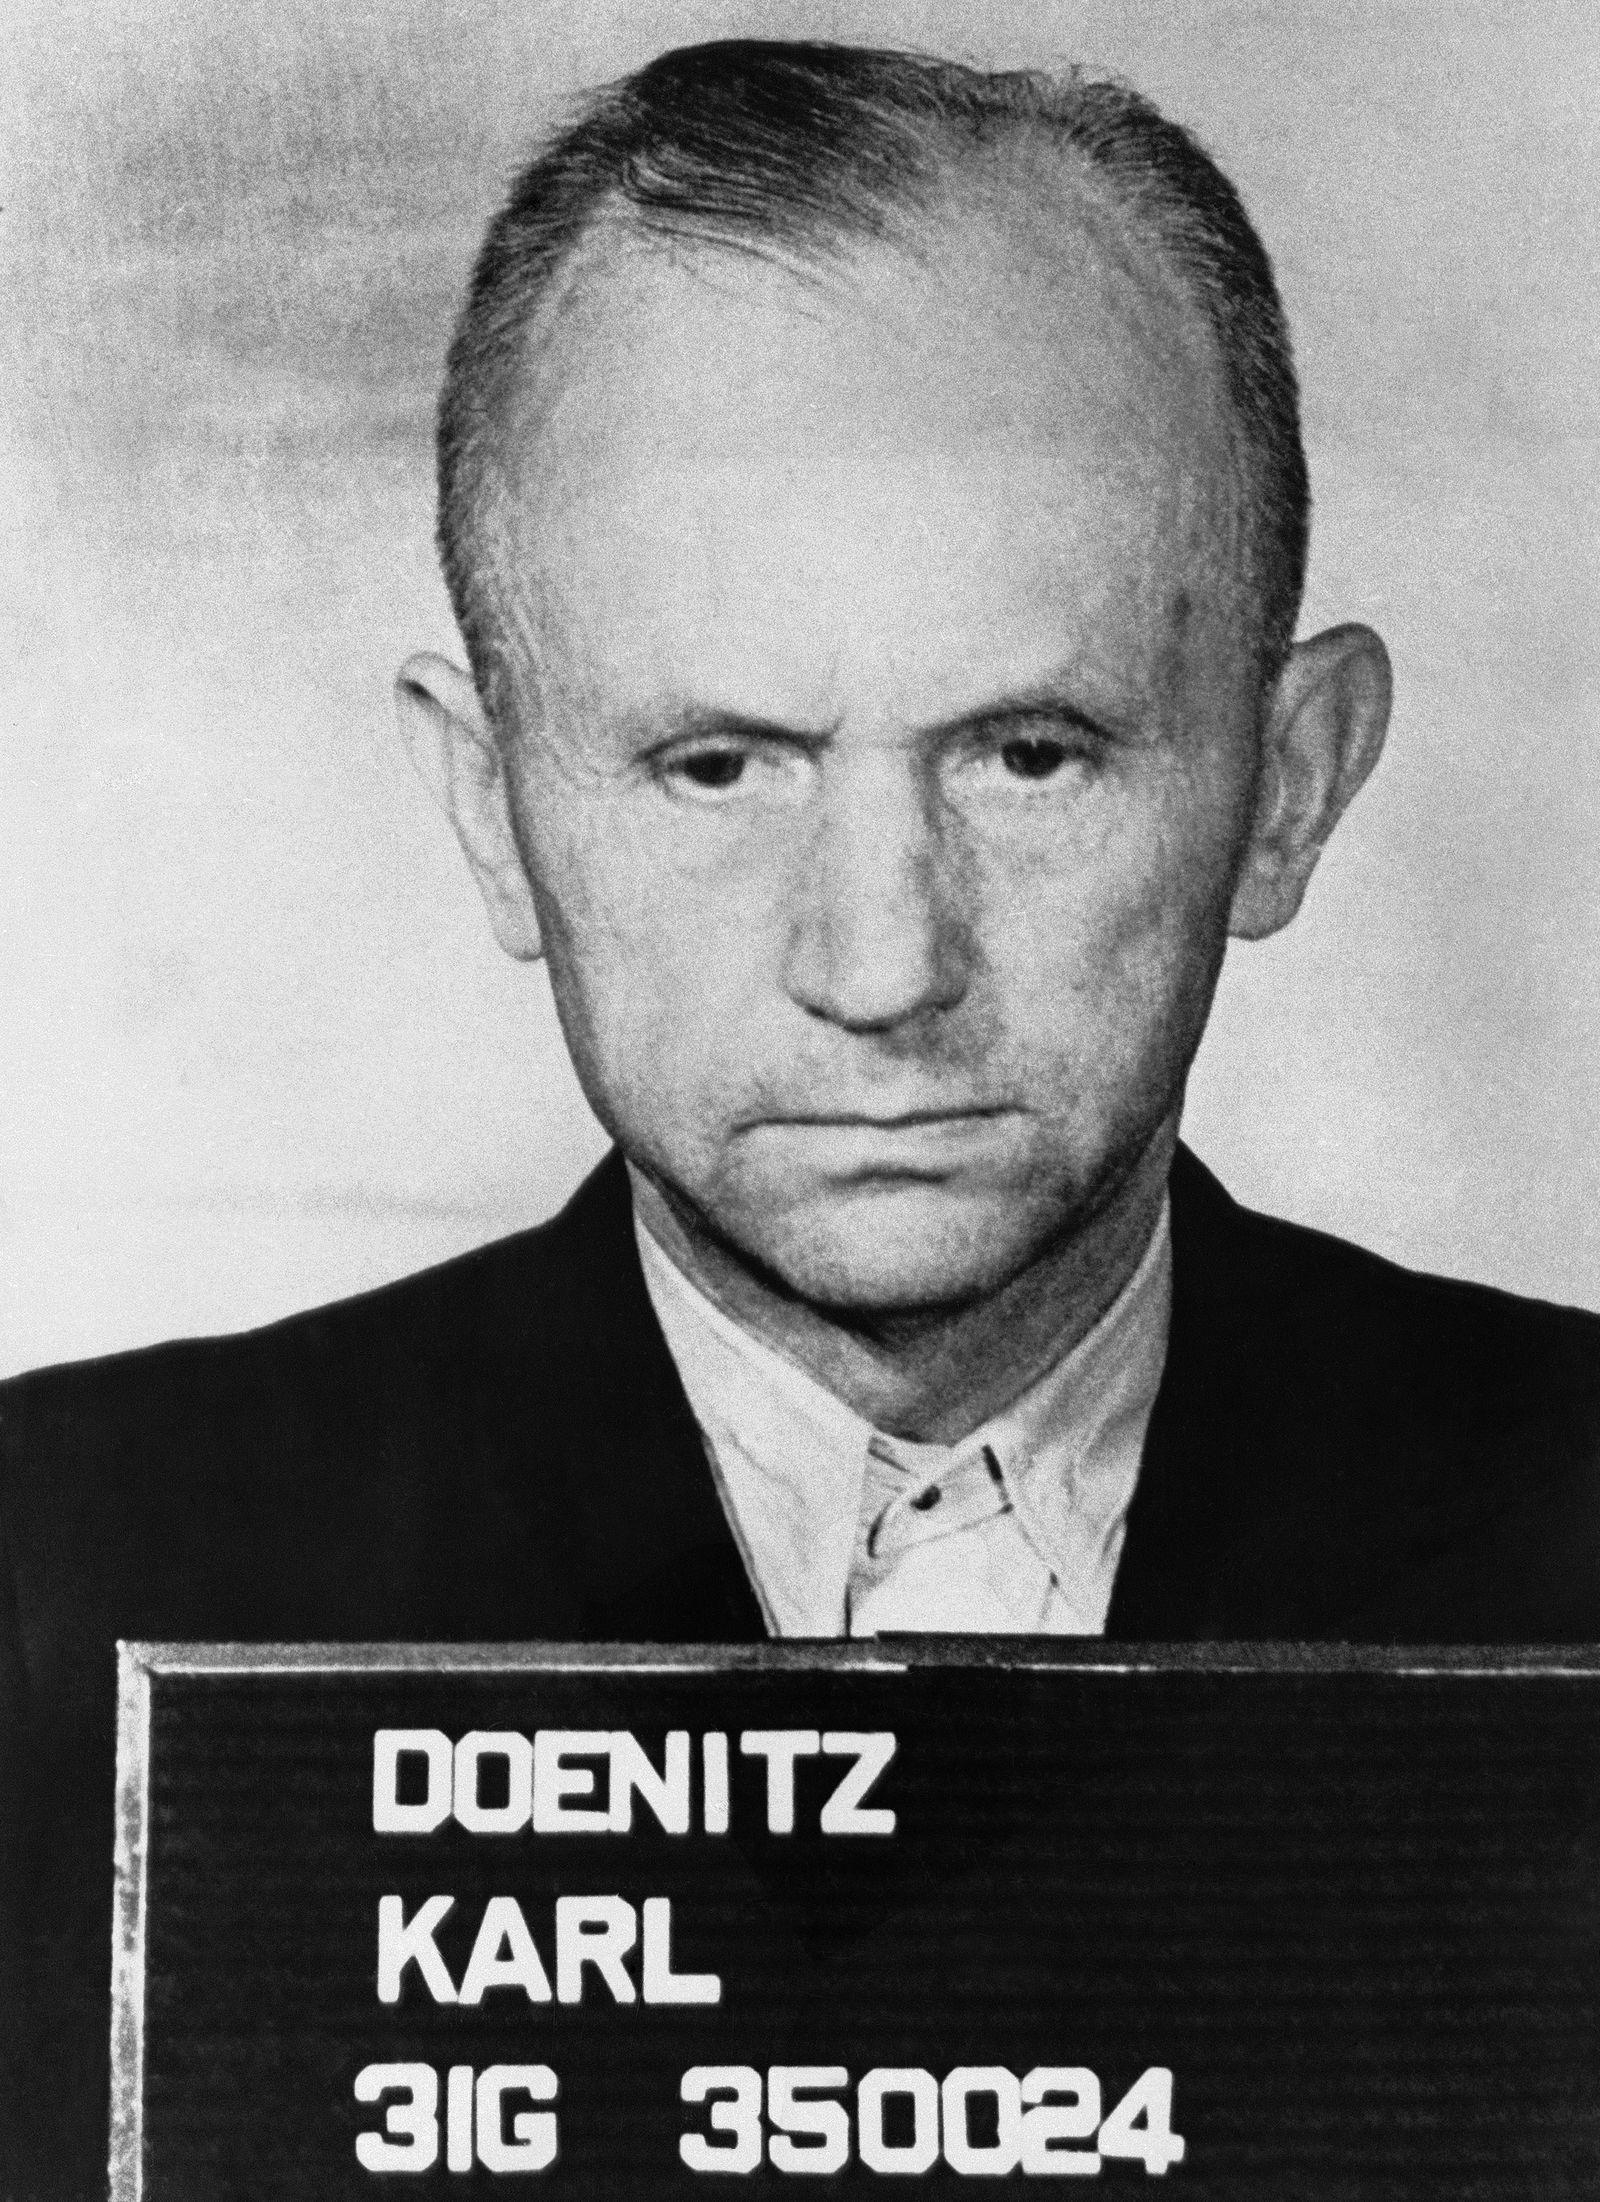 Post WWII Germany Karl Doenitz